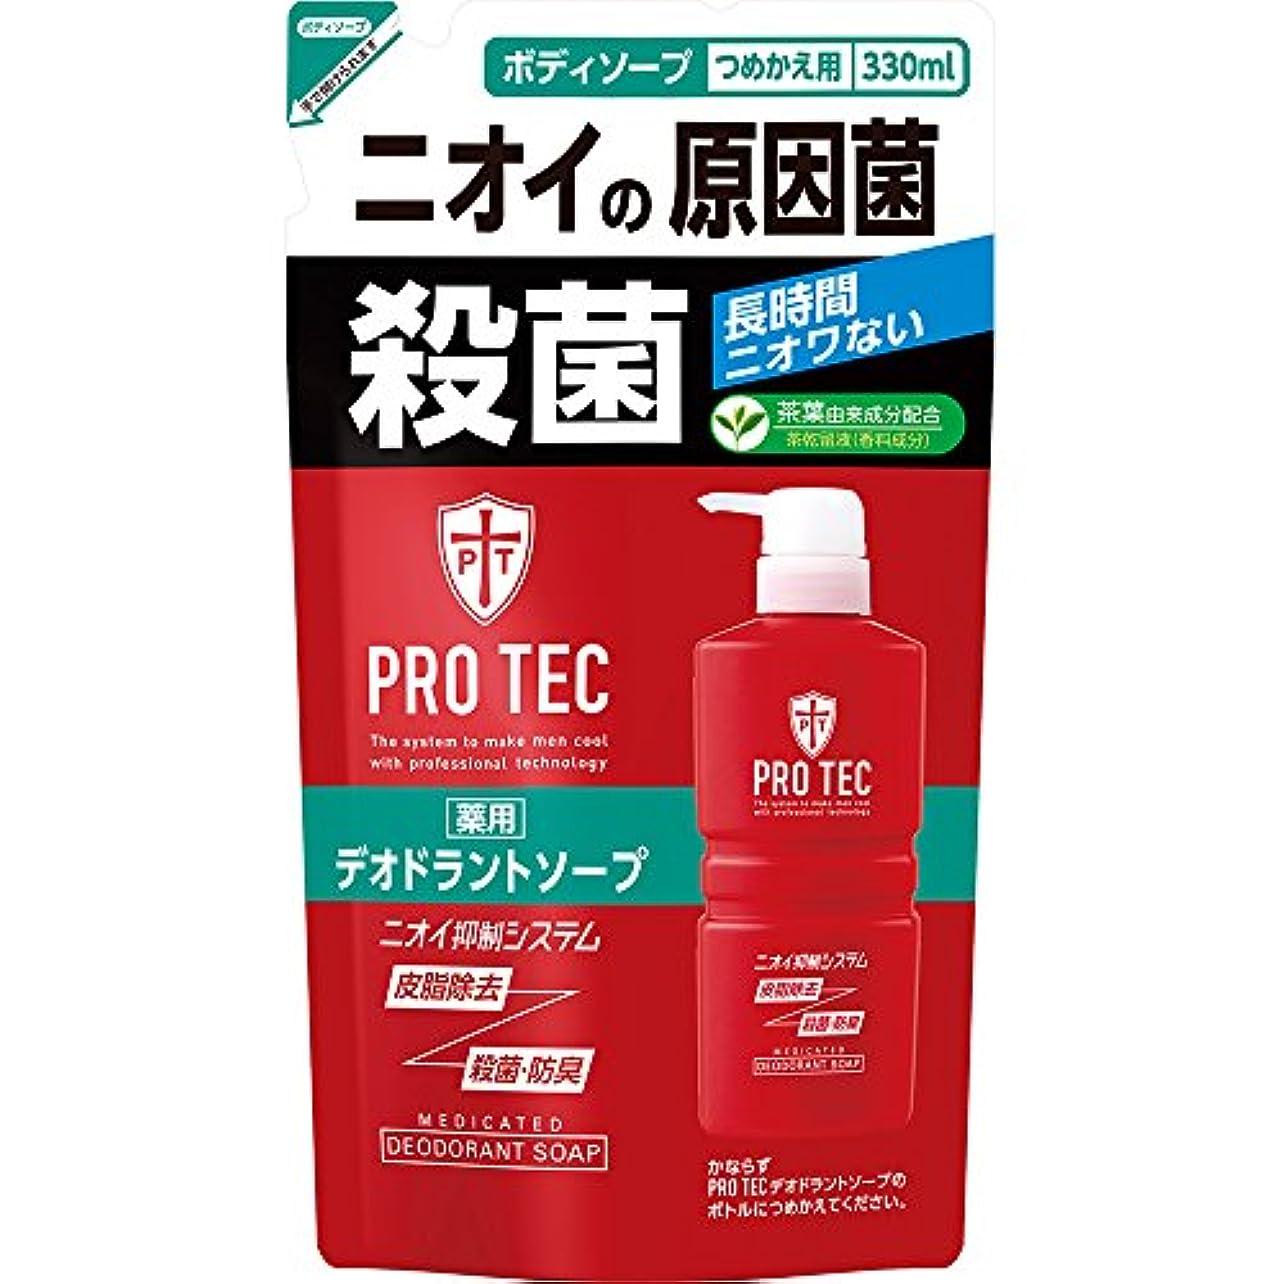 識別する徒歩で司法PRO TEC(プロテク) デオドラントソープ 詰め替え 330ml(医薬部外品)